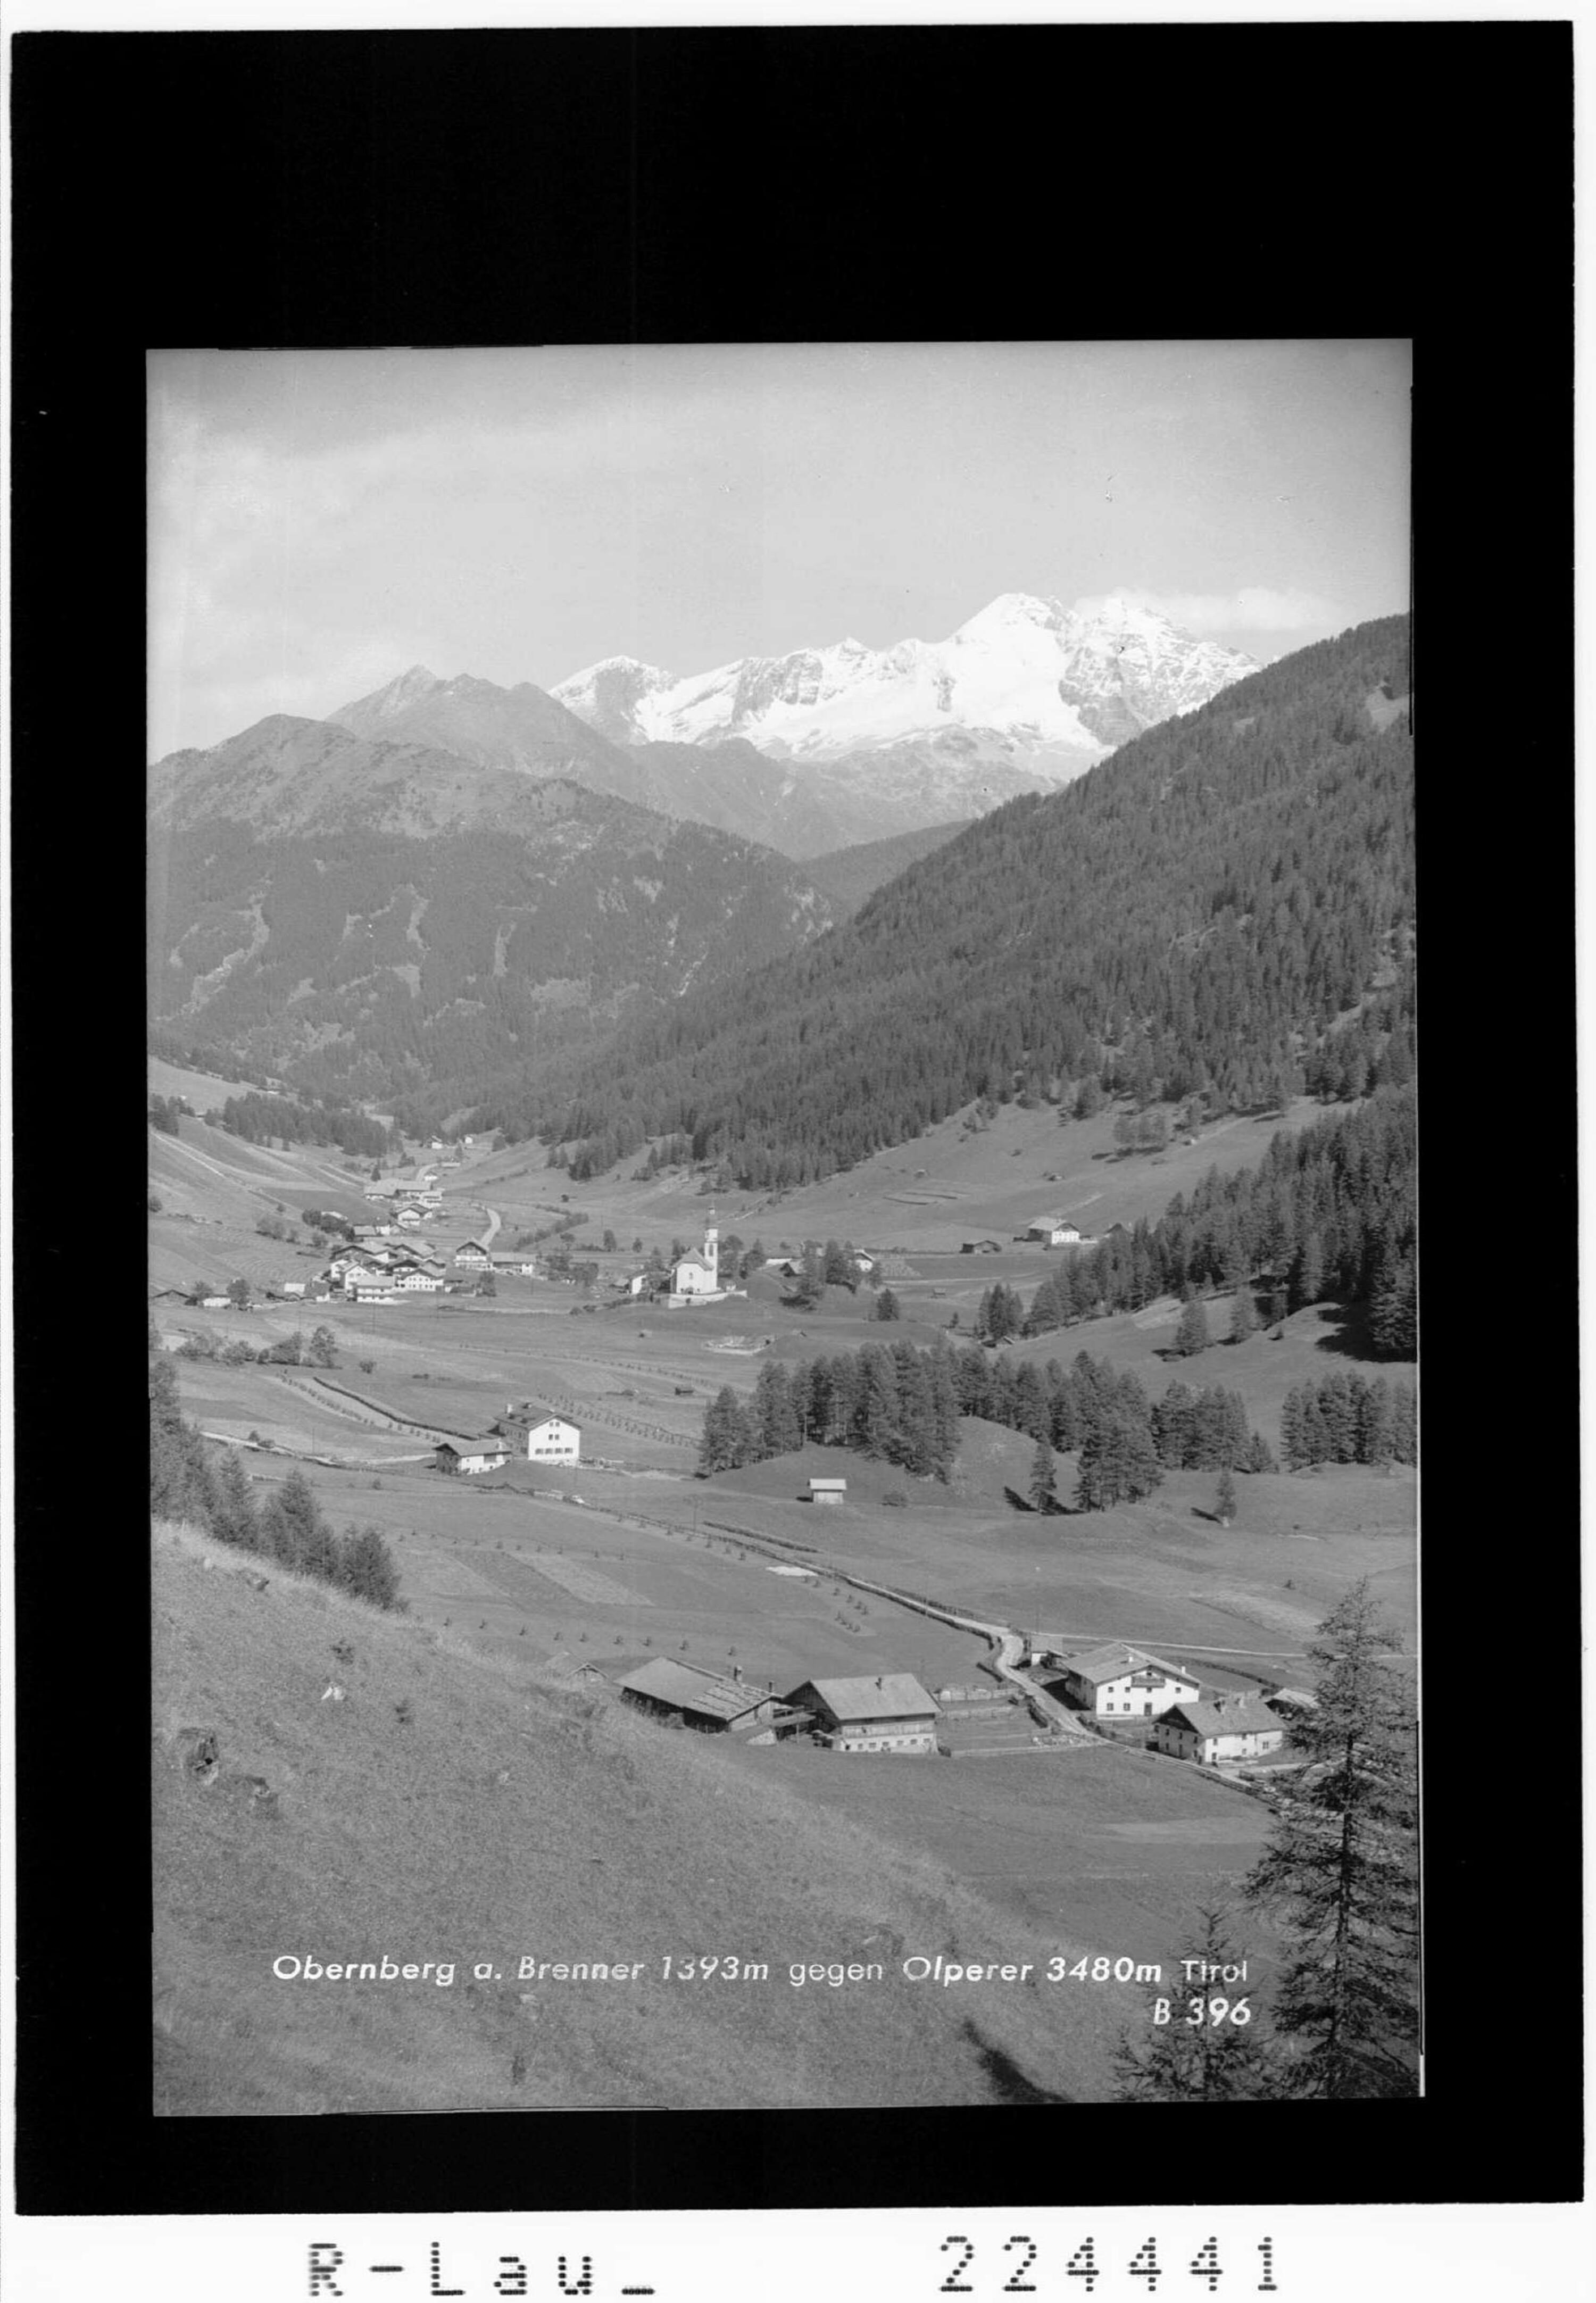 Obernberg am Brenner 1393 m gegen Olperer 3480 m / Tirol von Wilhelm Stempfle